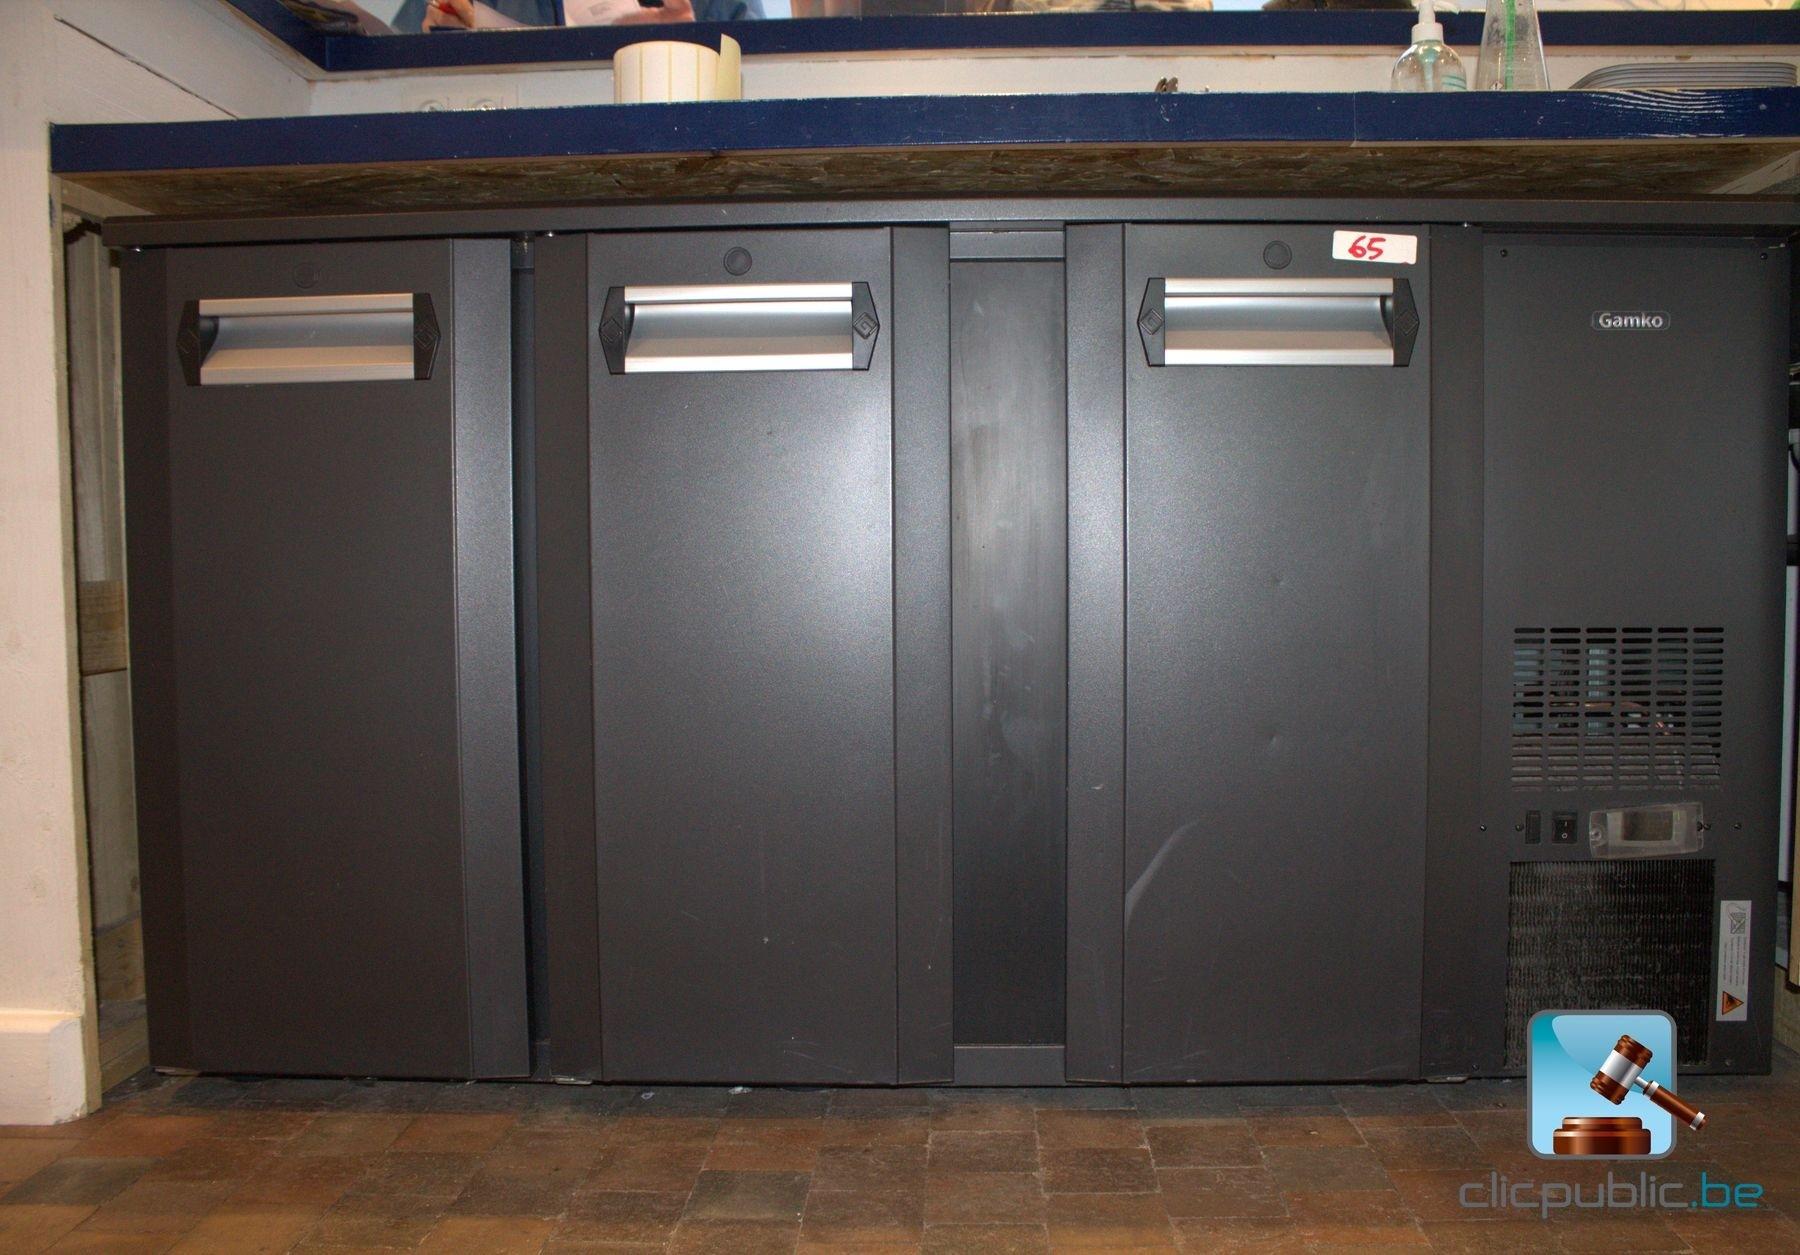 frigo bar 3 portes gamko ref 65 vendre sur. Black Bedroom Furniture Sets. Home Design Ideas